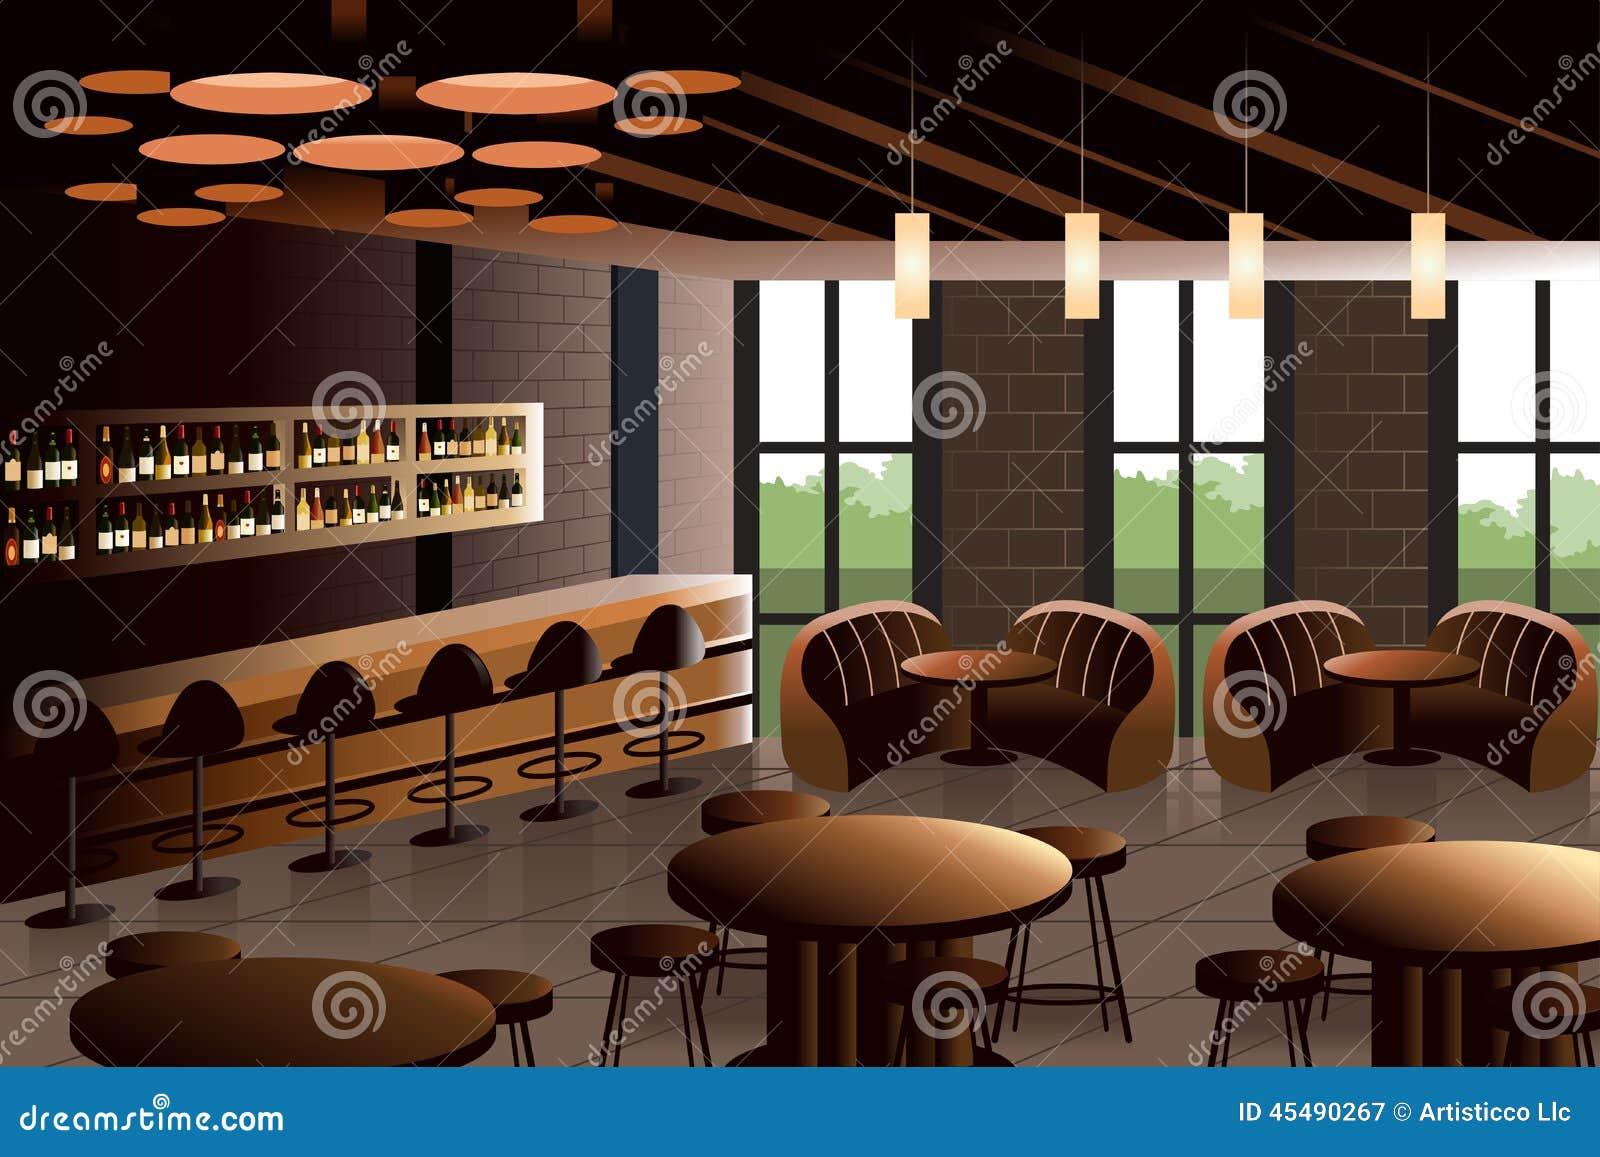 Restaurant interior with industrial look stock vector